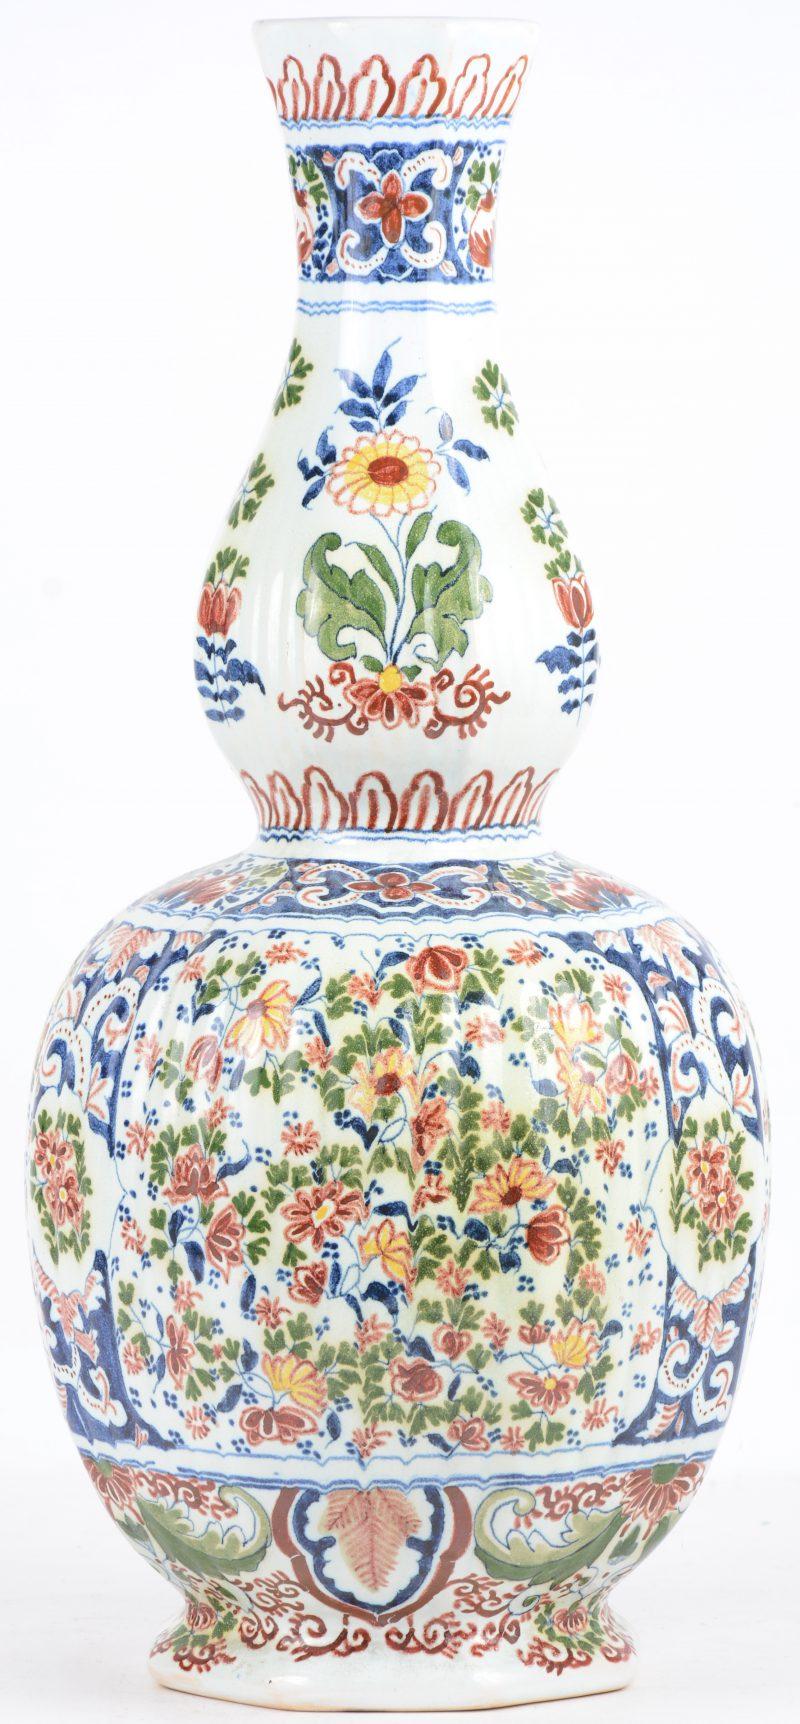 Een kalebasvaas van Delfts aardewerk met een meerkleurig bloemendecor. Onderaan gemerkt.